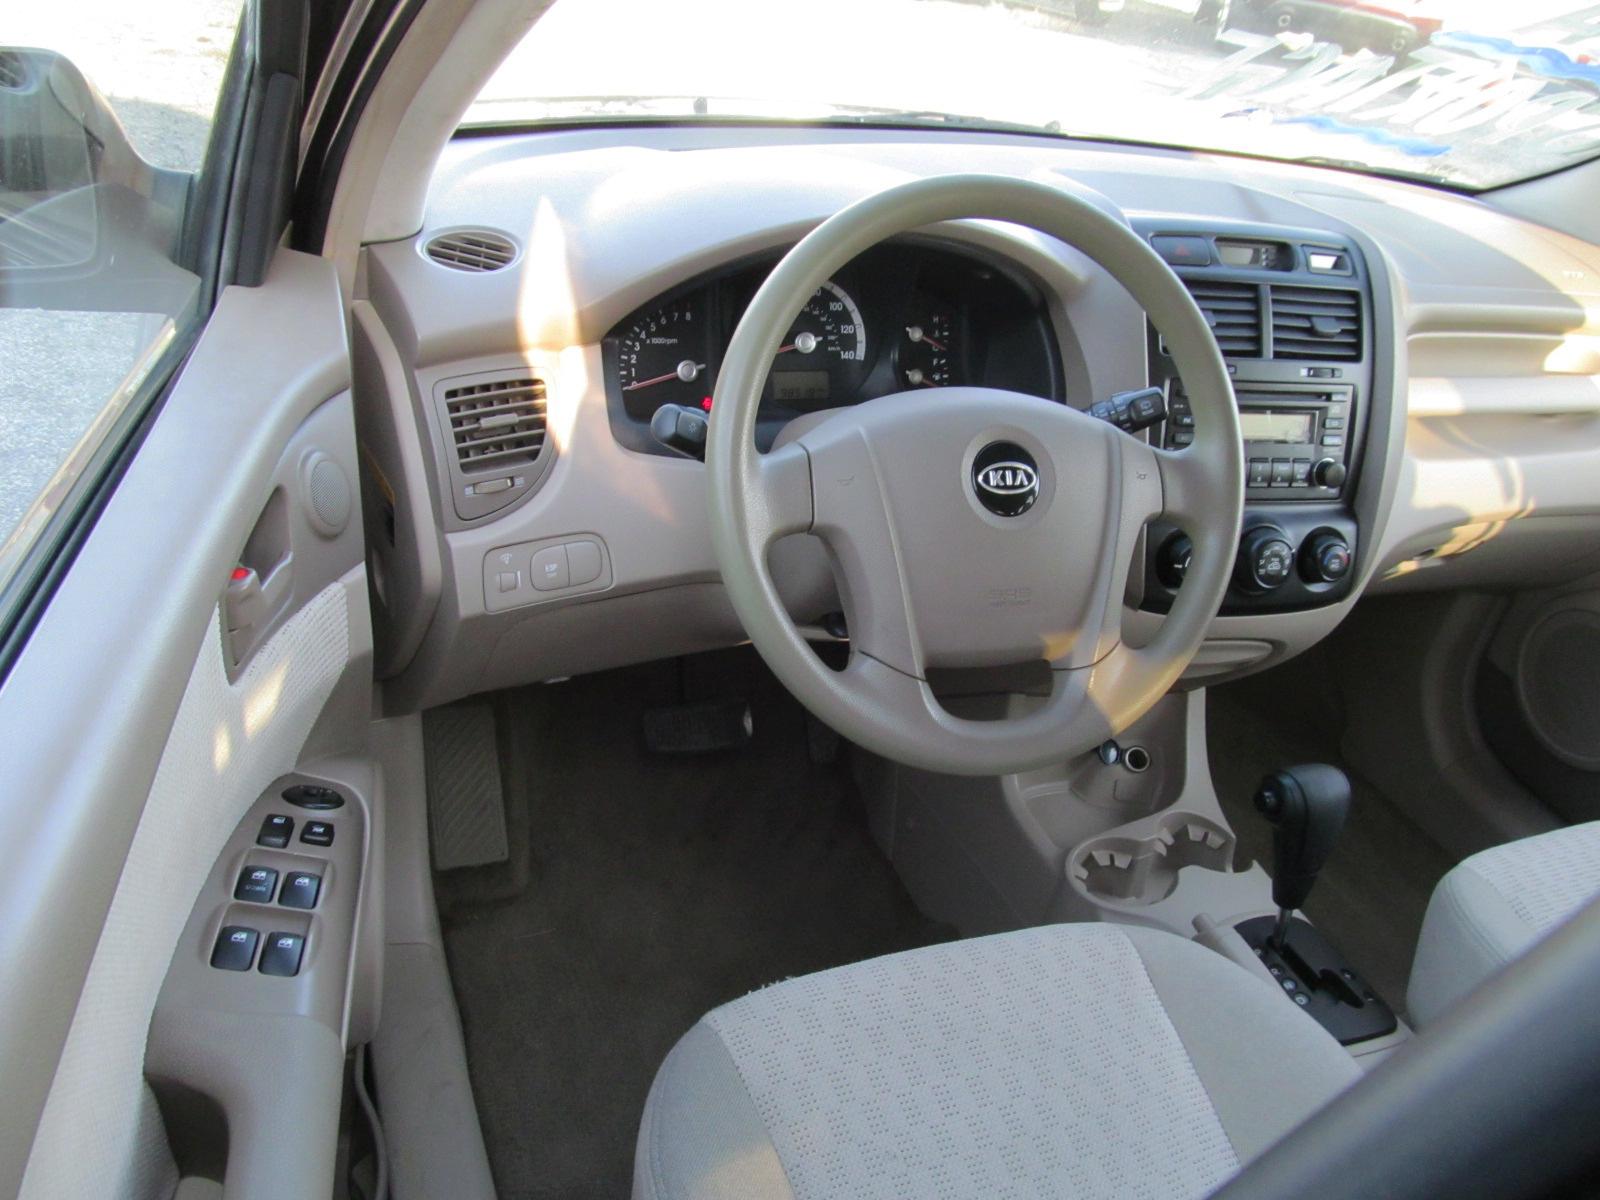 2005 Kia Sportage Interior Pictures Cargurus